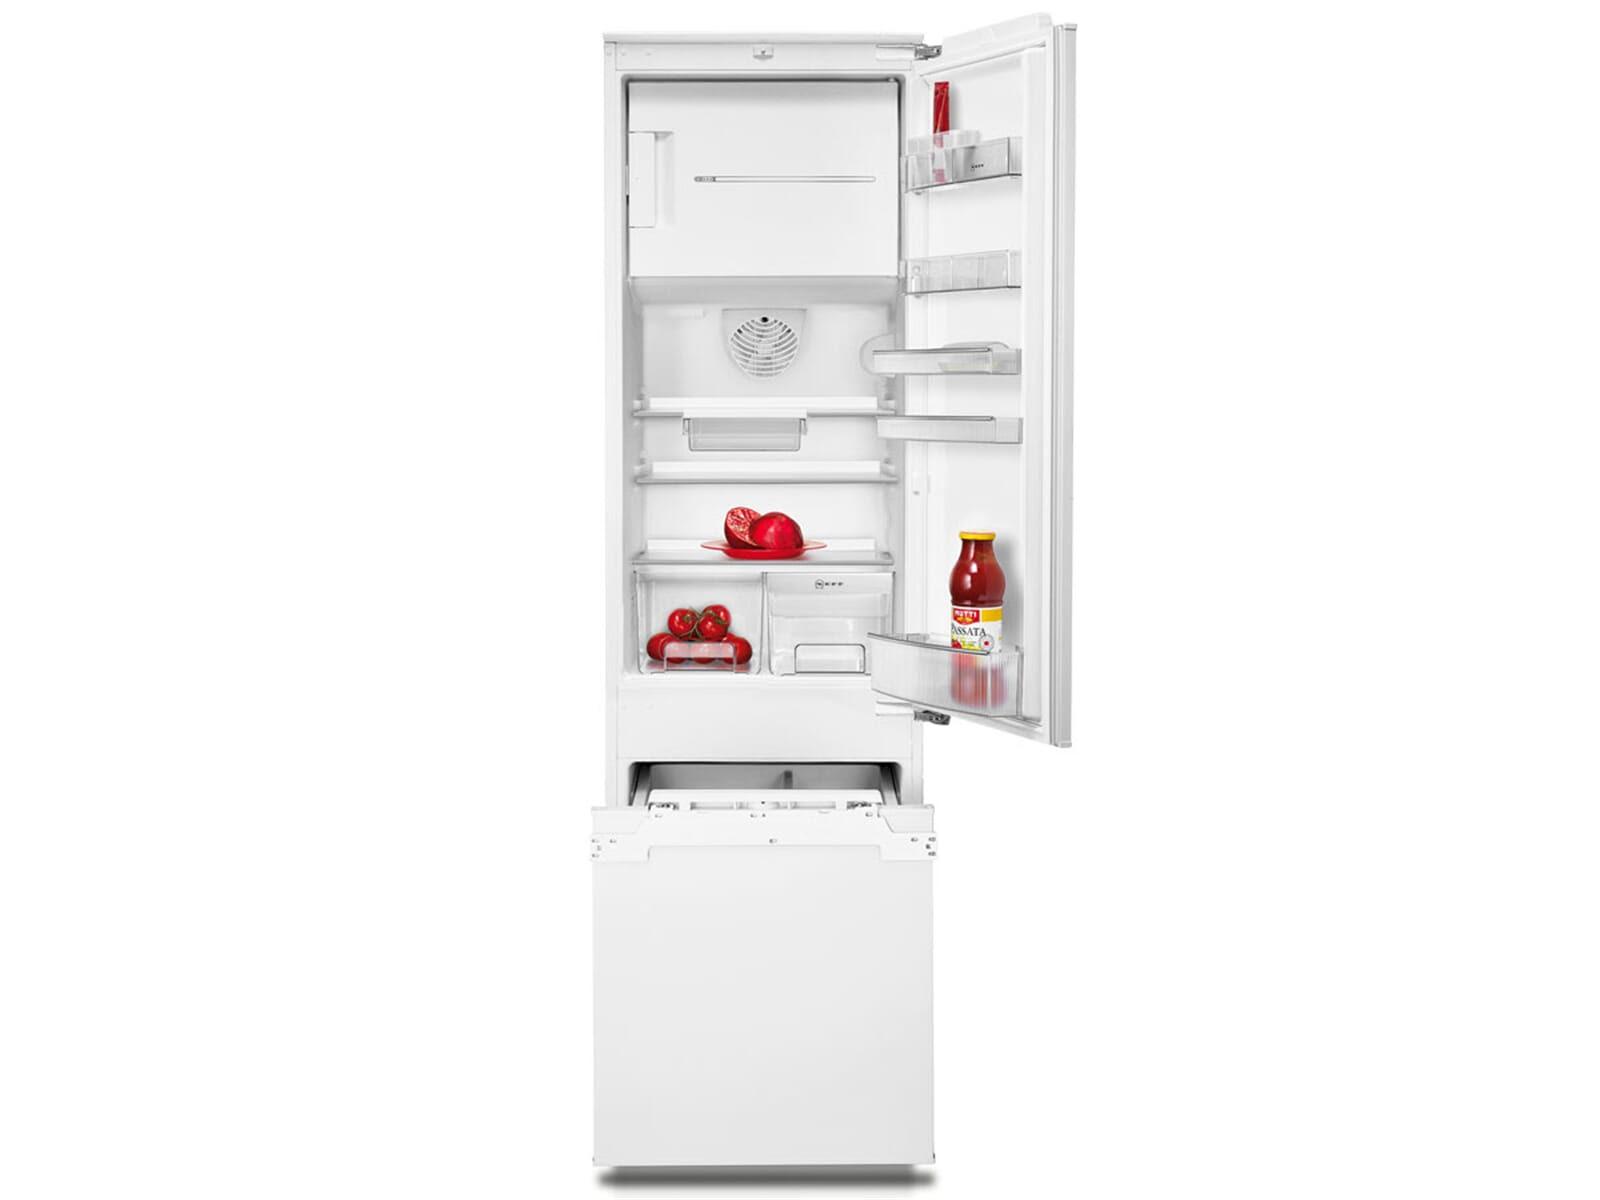 Kühlschrank Mit Kellerfach Bosch : Kühlschrank mit getränkeschublade bosch khlschrank mit stunning